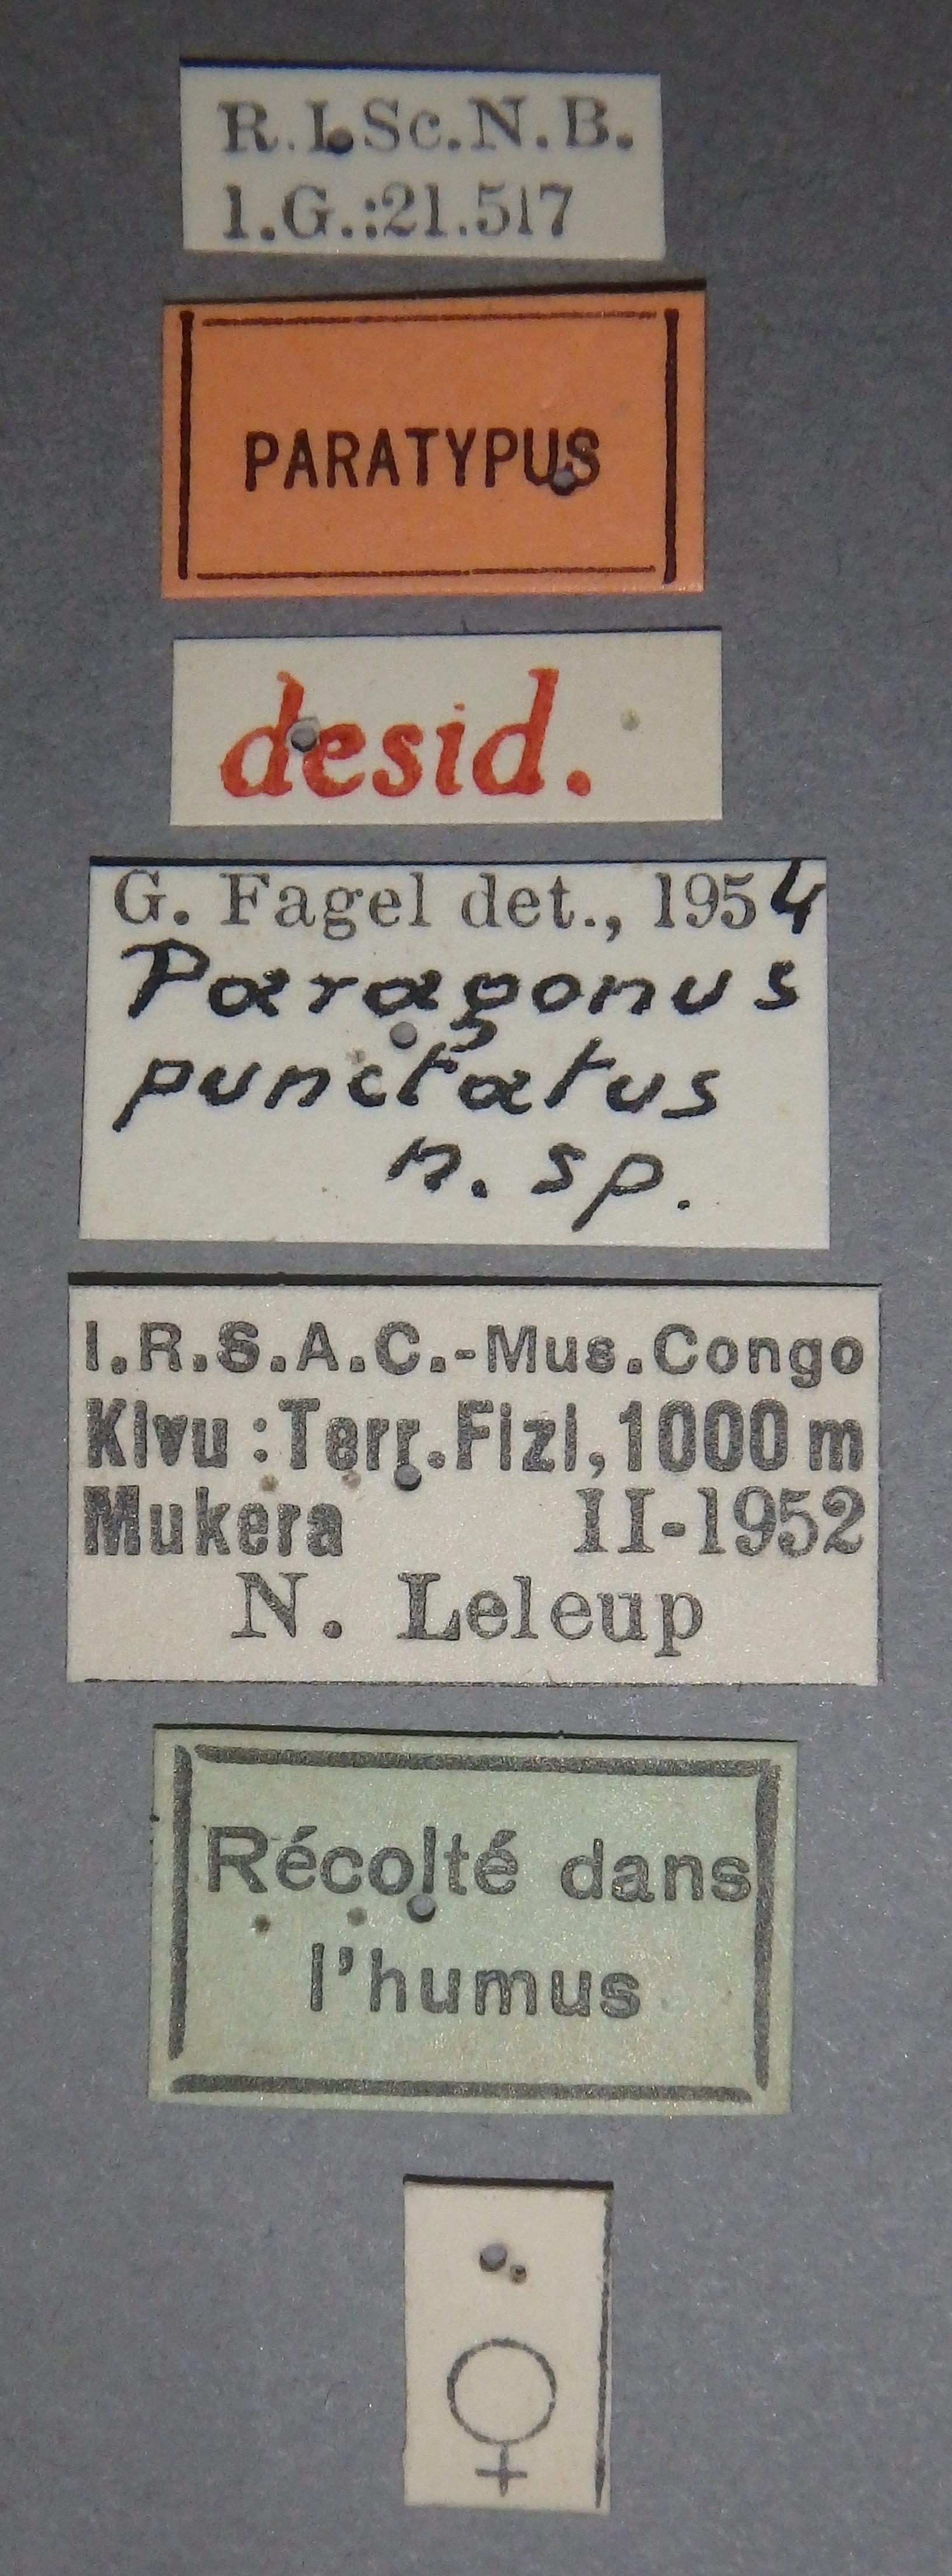 Paragonus punctatus pt Lb.JPG